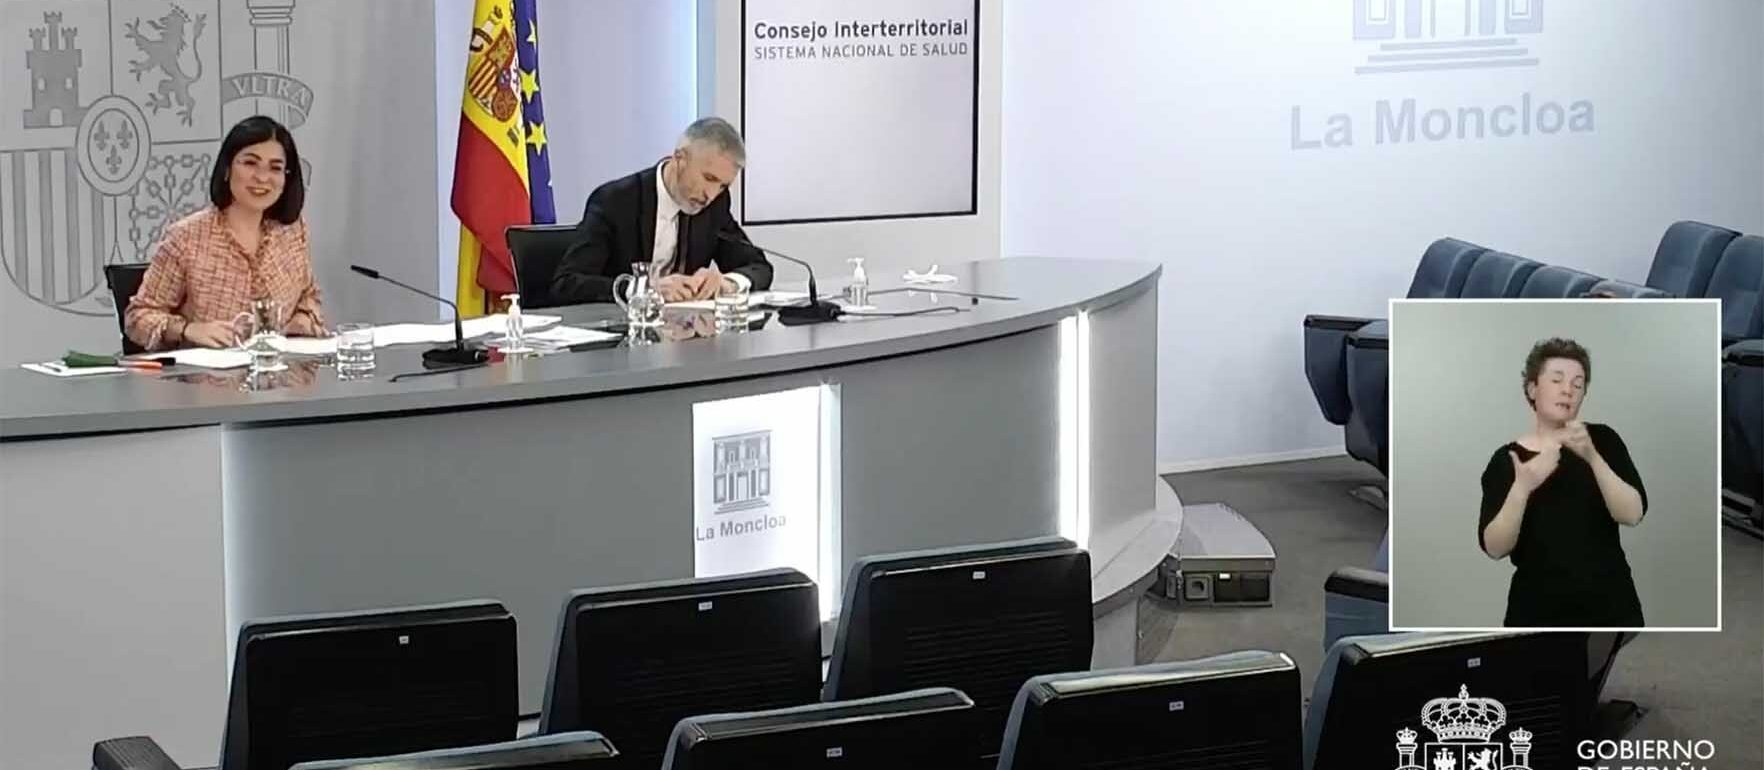 Rueda de prensa tras el Consejo Interterritorial de Salud.